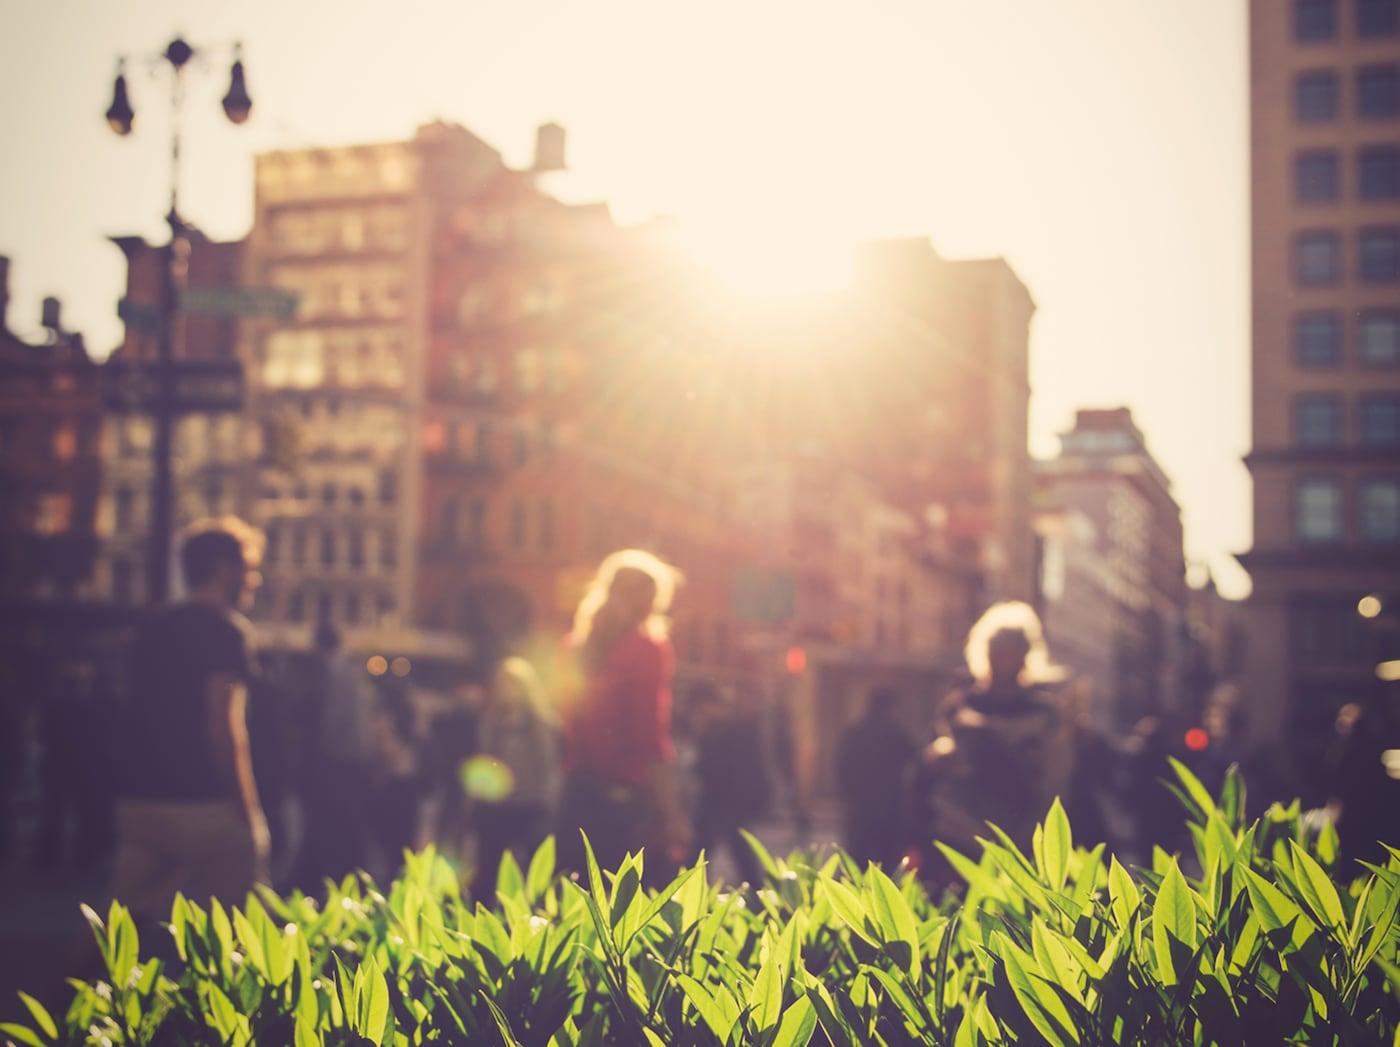 Sluneční světlo prosvítá několika budovami na jasně zelené rostliny. V pozadí chodí lidé.